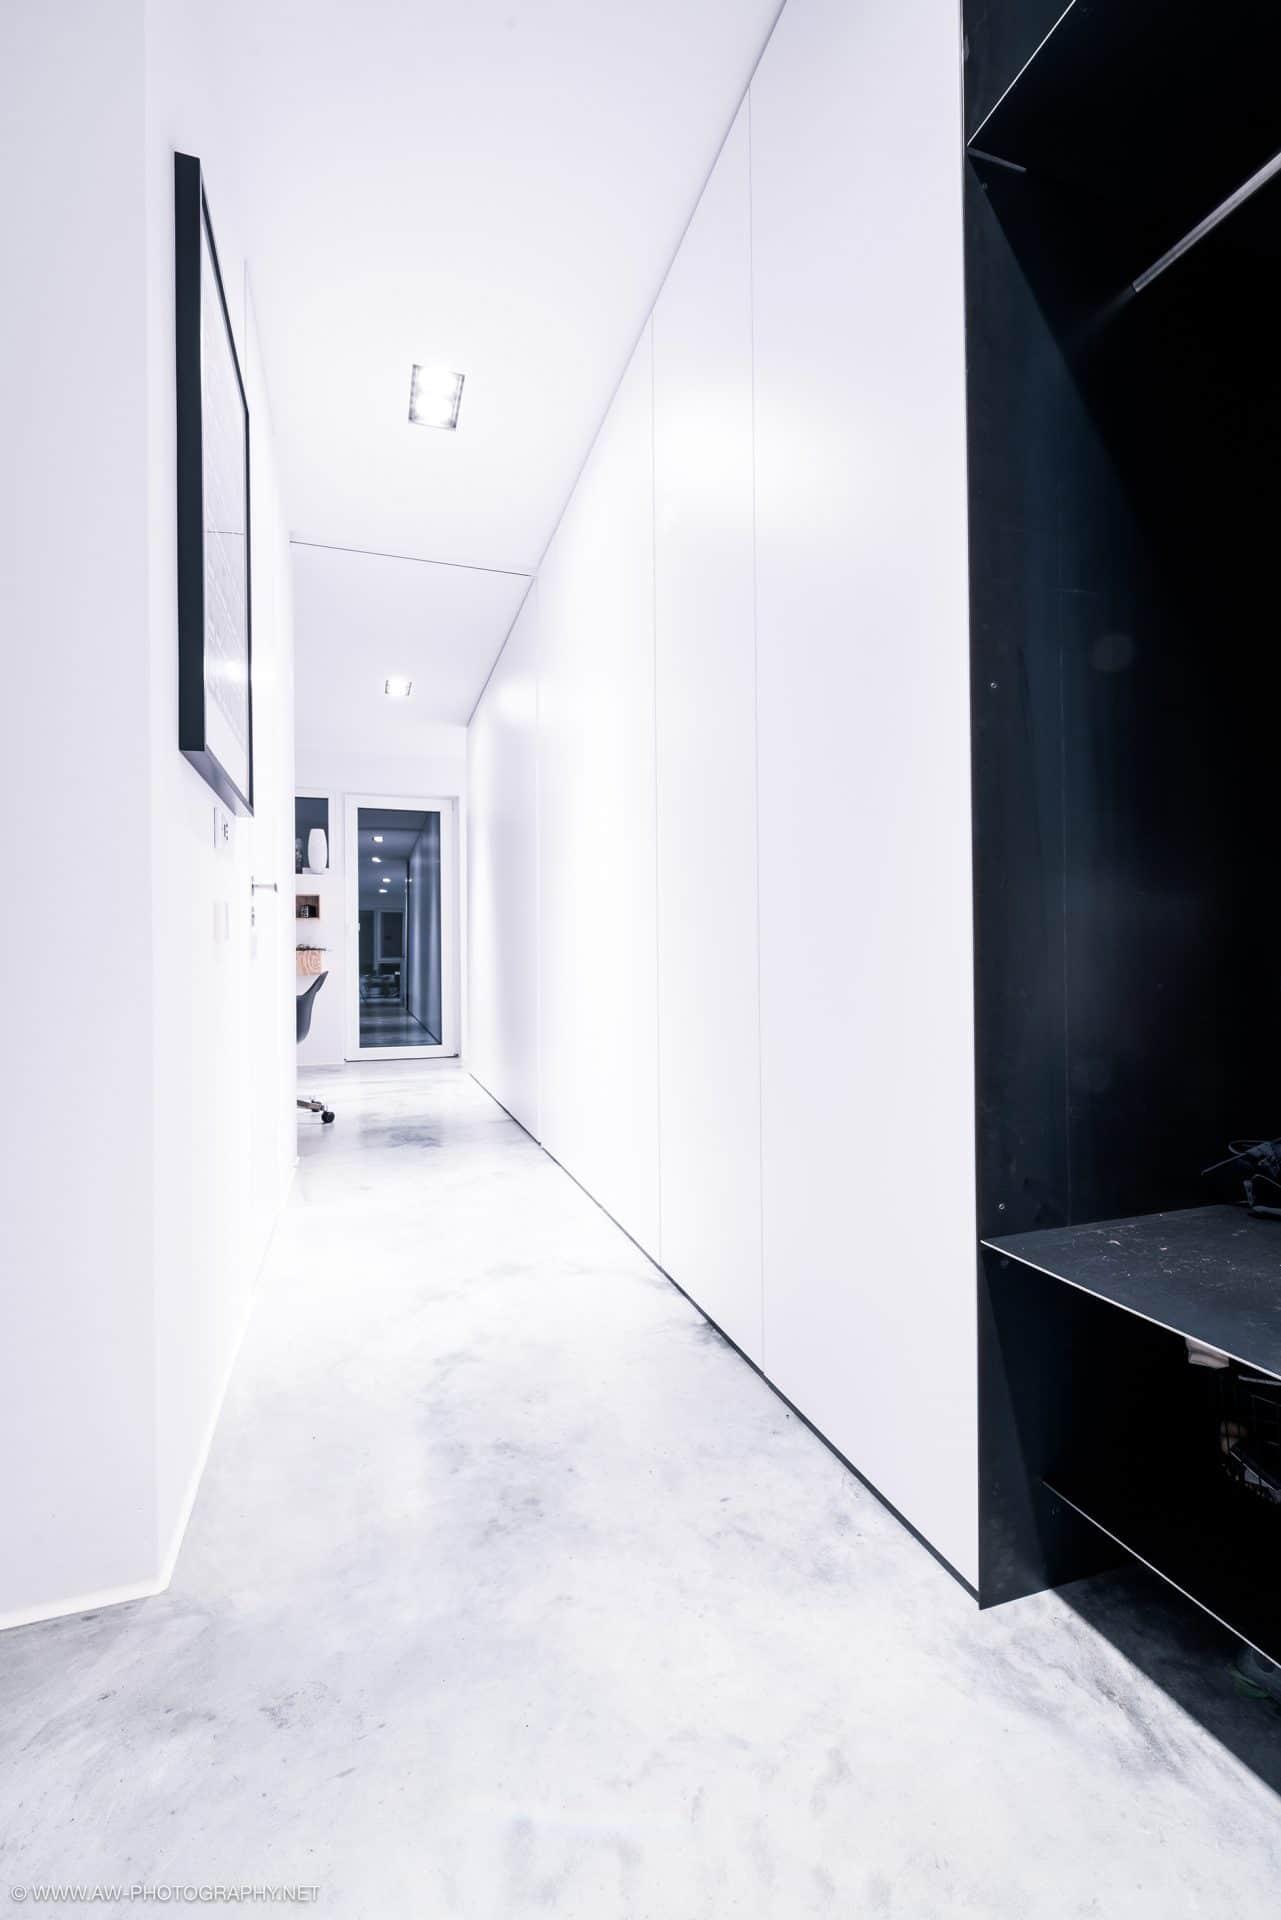 Innenausbau Penthousewohnung von VOIT in Schlichtstoff weiß und Stahl geschwärzt - Gang mit Garderobe